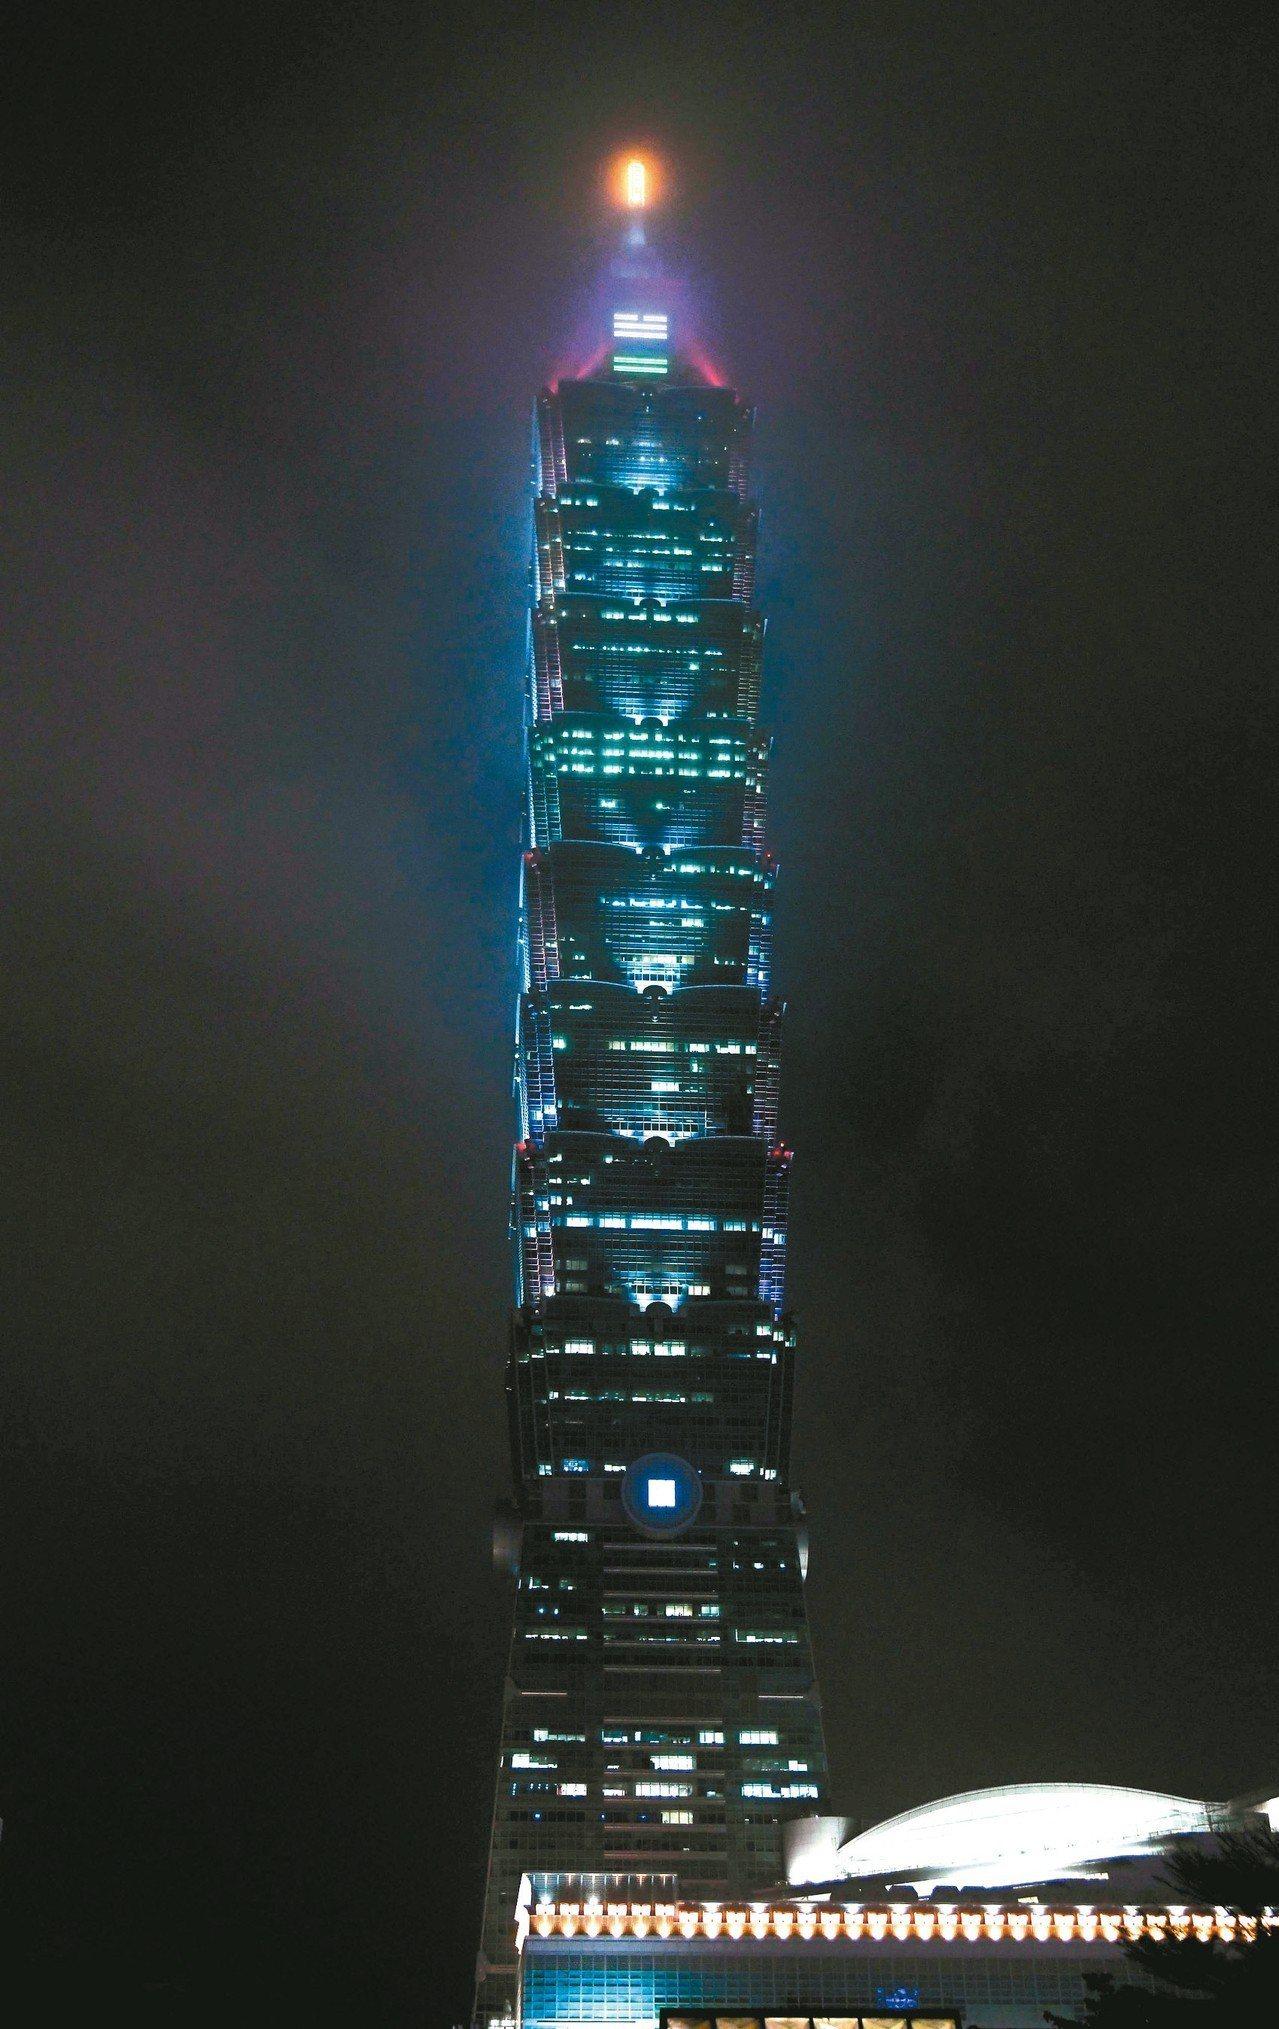 台北101即日起至元宵夜,推出泰雅族學童設計的外牆燈光。 圖/台北101提供